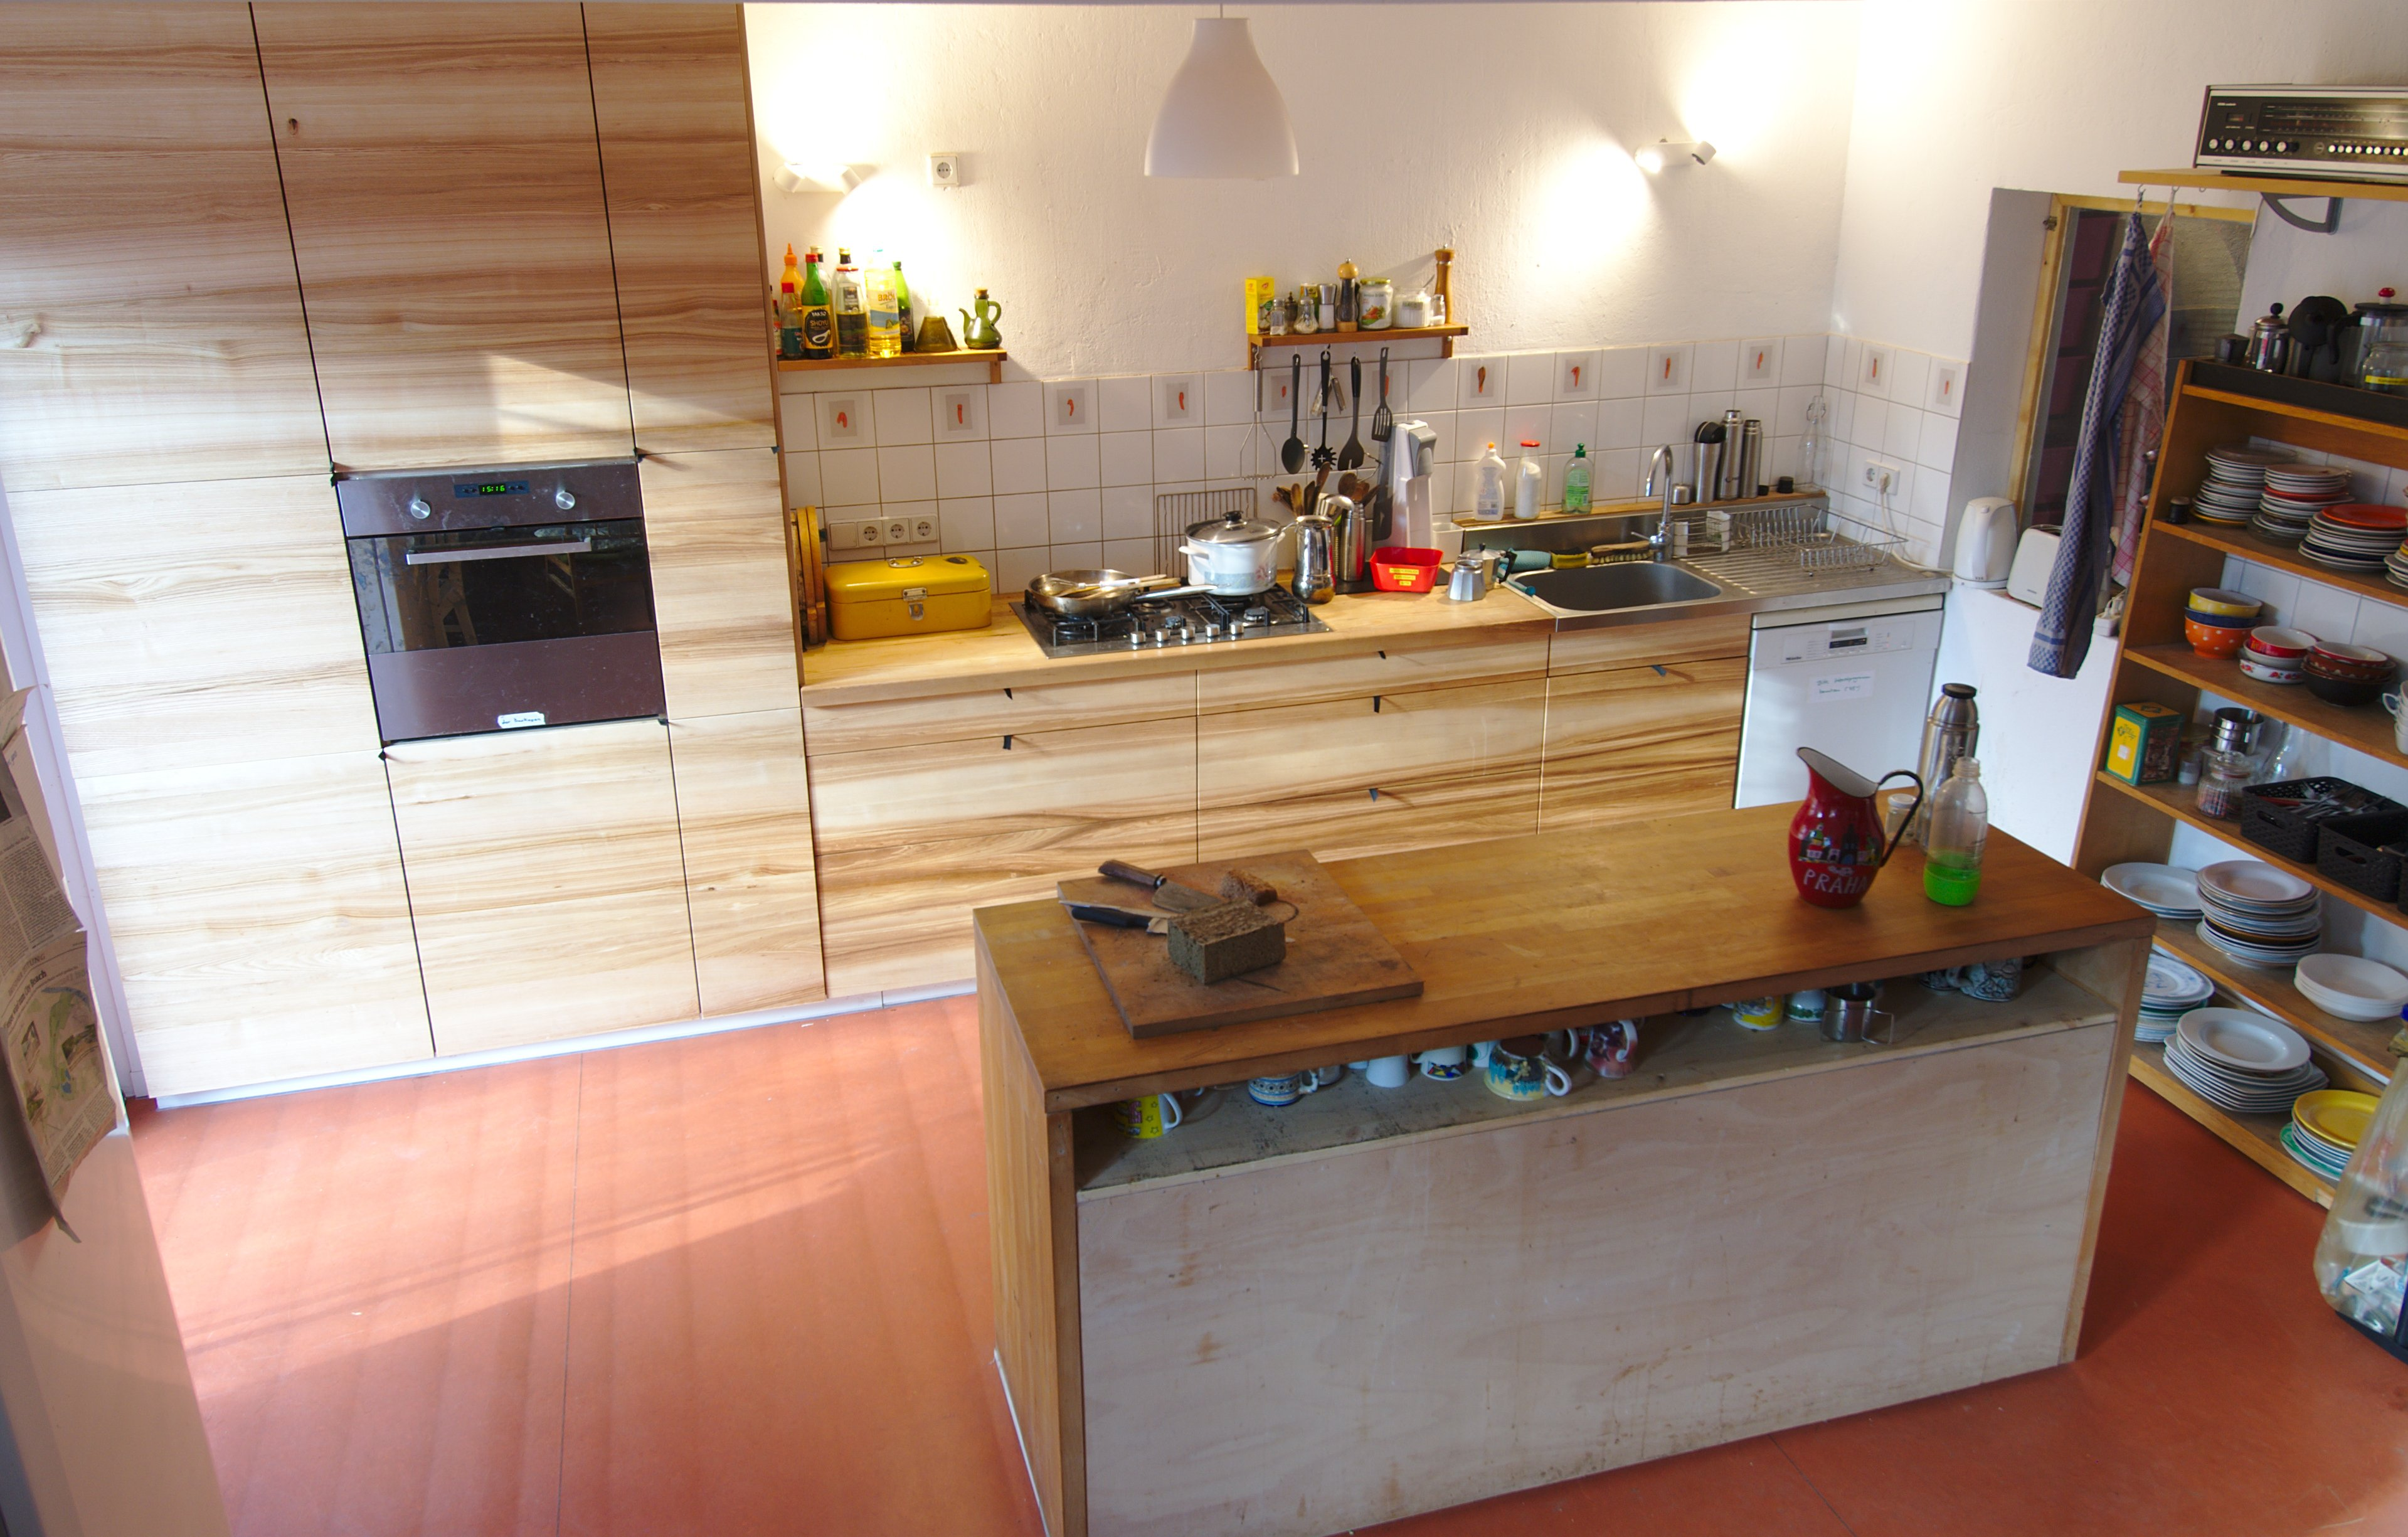 Großartig Große Küche Hausprojekte Bilder - Küchenschrank Ideen ...